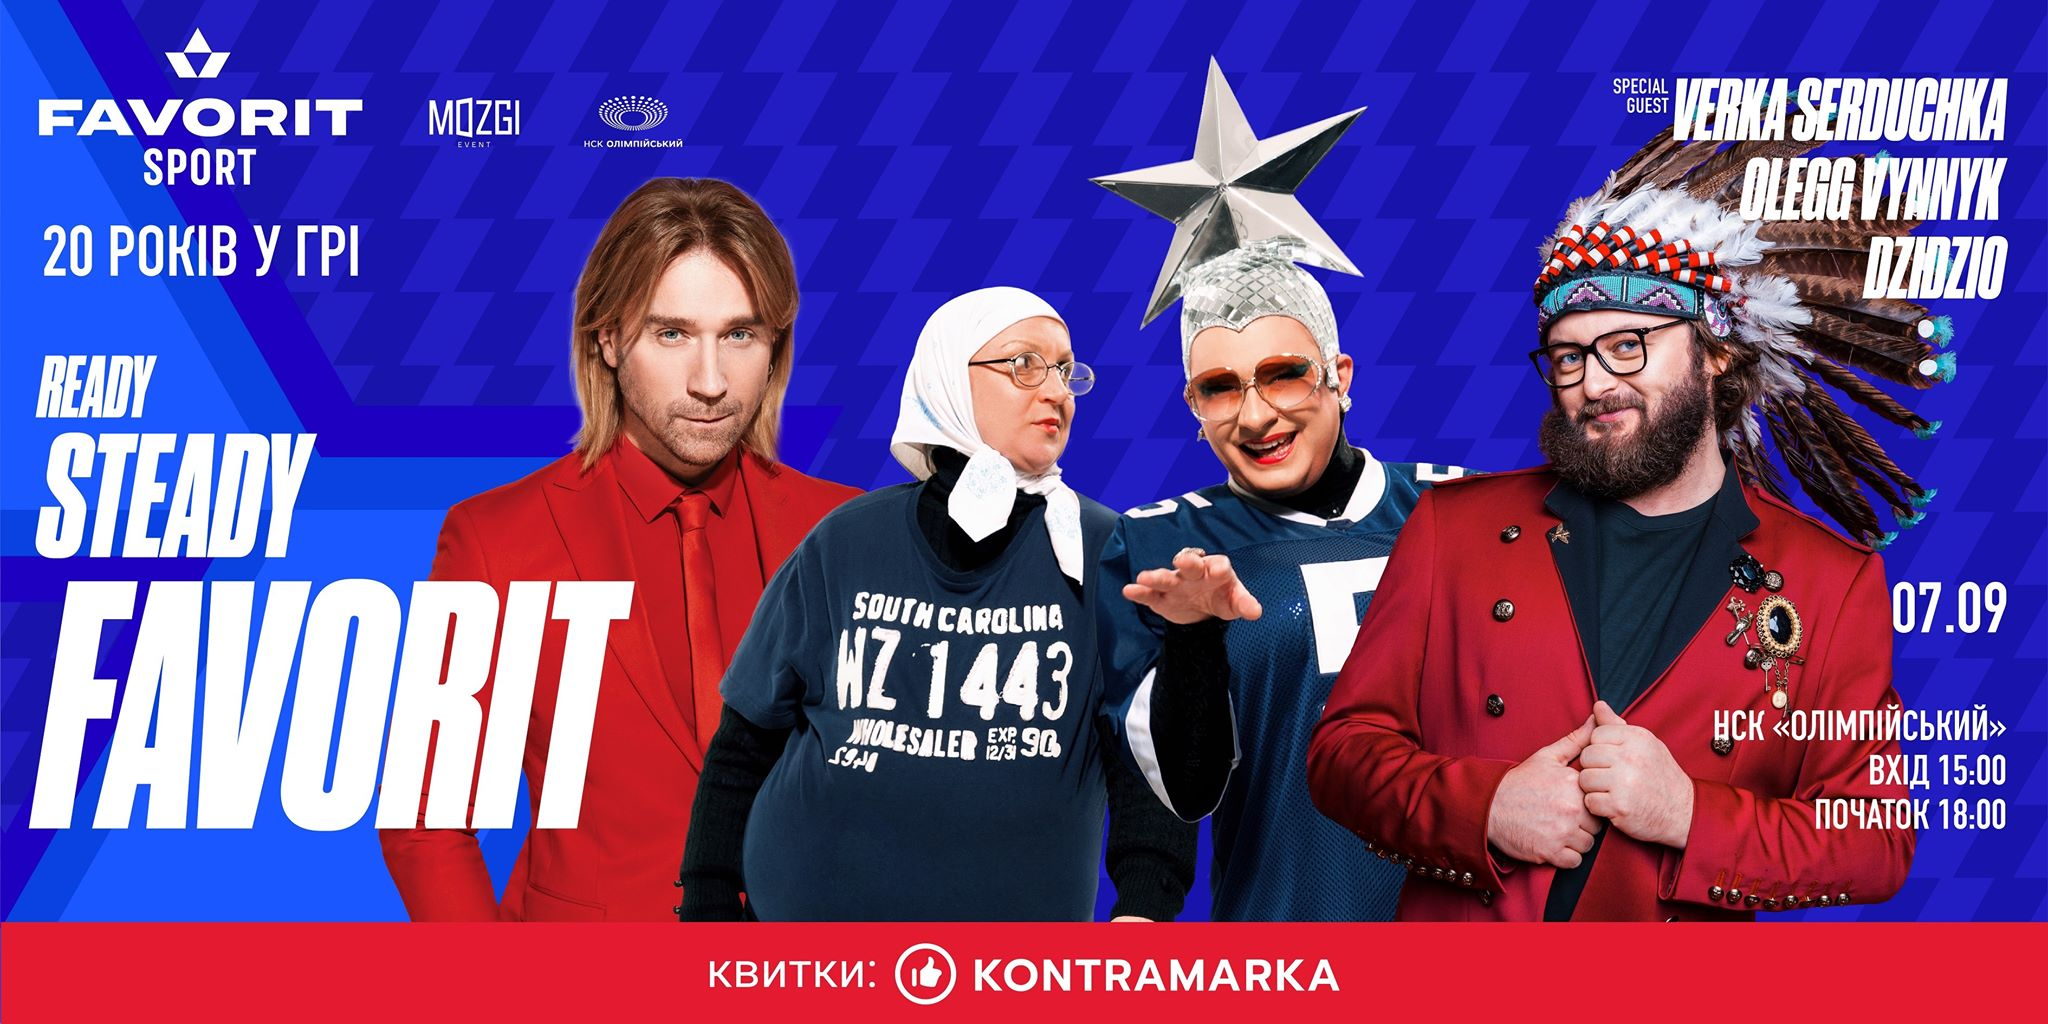 В Киеве пройдет фестиваль Ready.Steady.Favorit с участием Олега Винника и Верки Сердючки